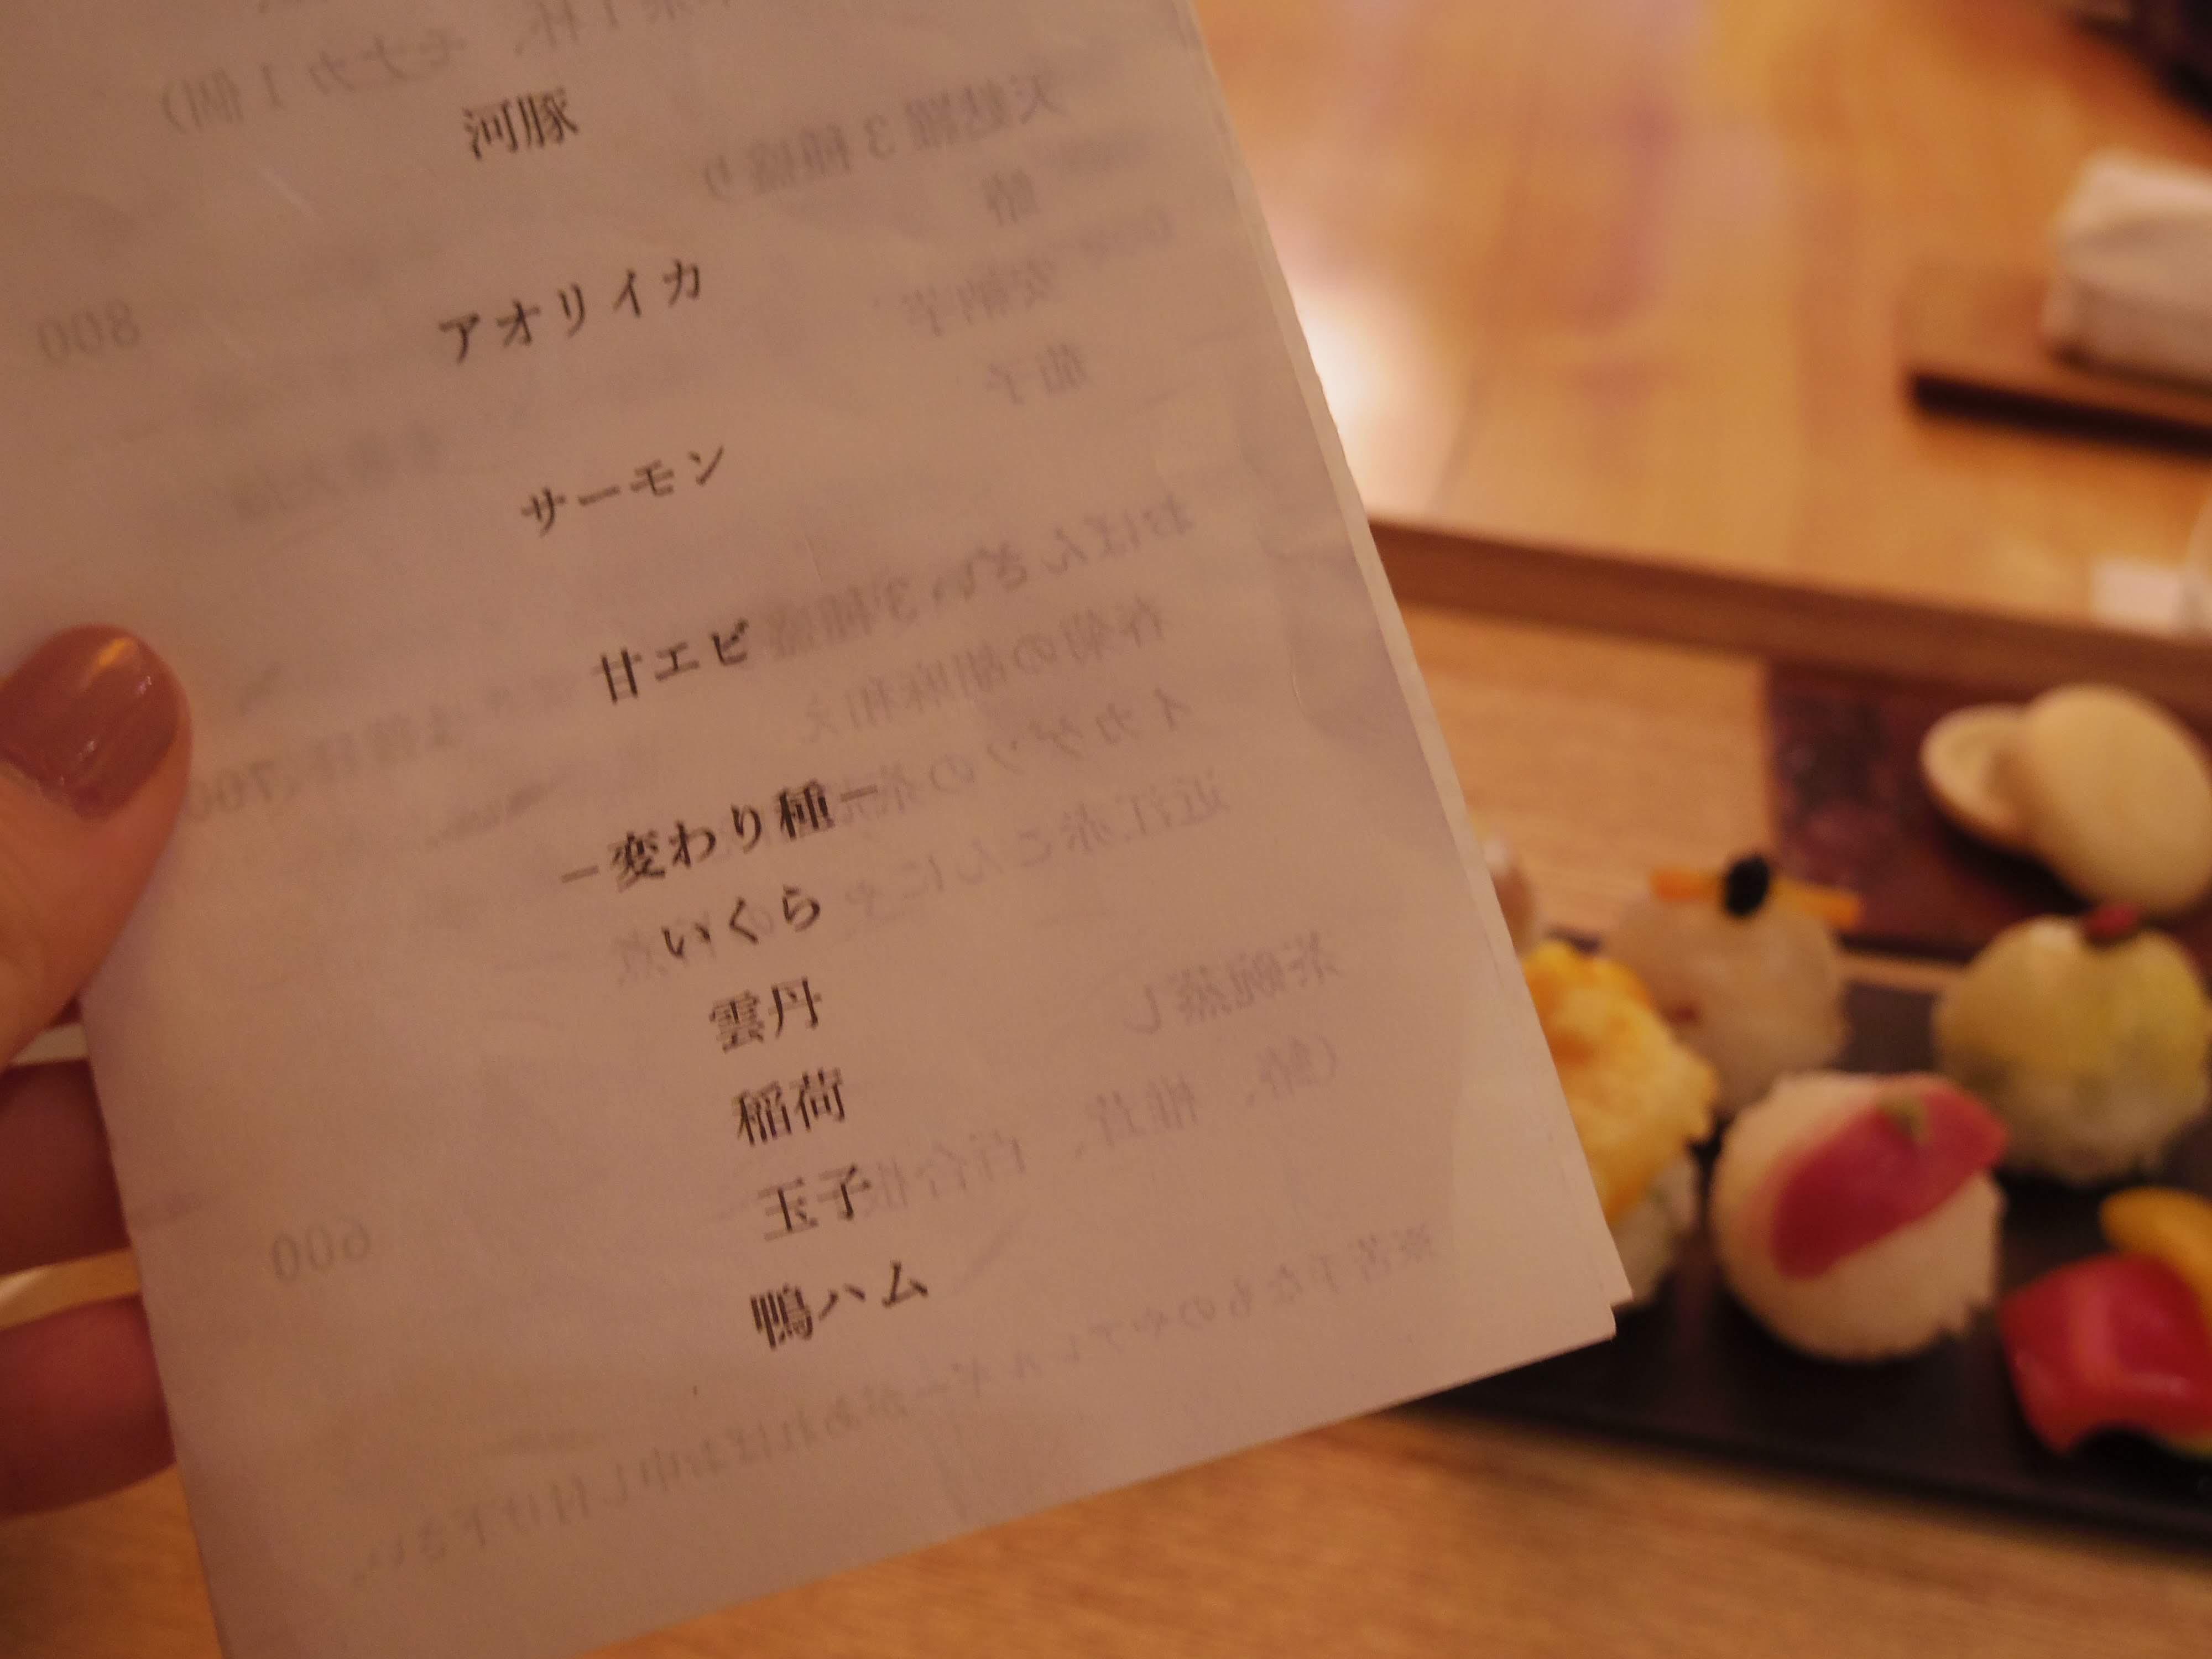 【予約必須】京都で「手鞠鮨」を食べよう♡オススメはここだ!_7